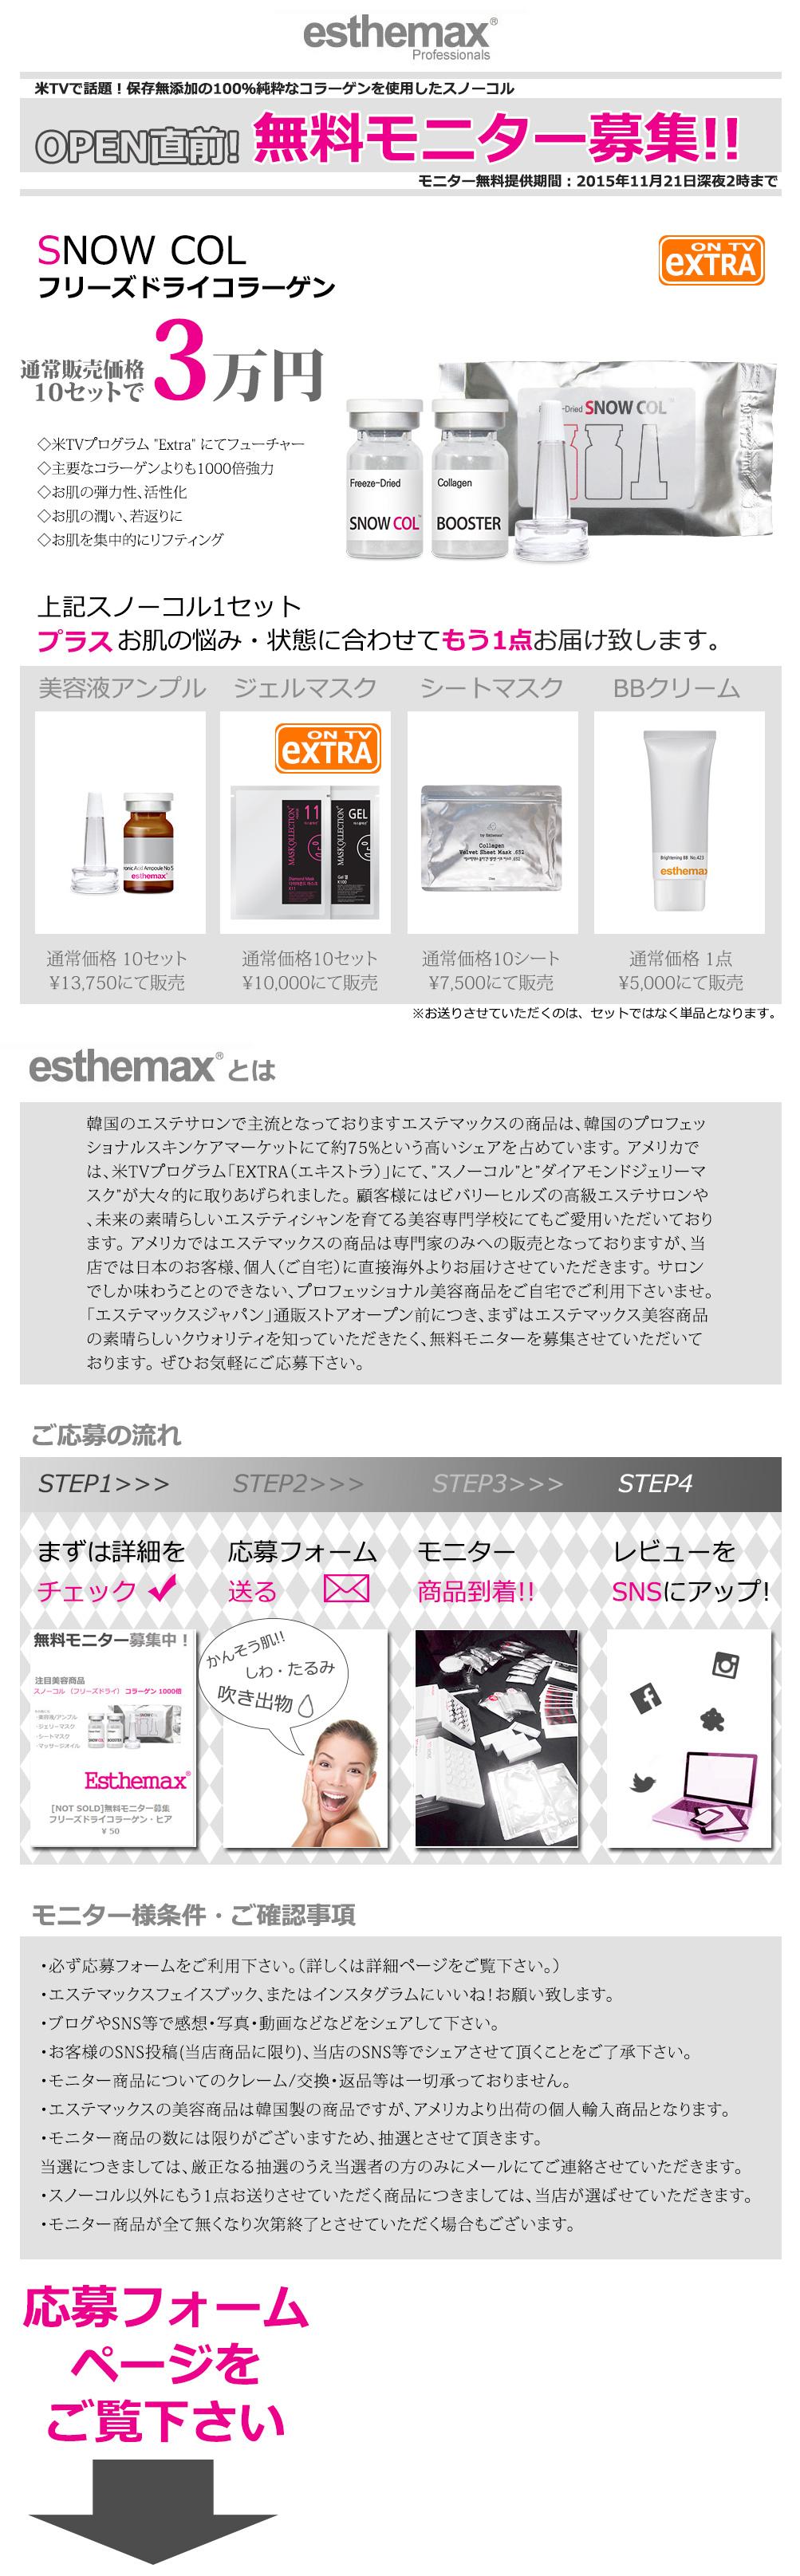 新規美容ブランドのご紹介 エステマックス【無料モニター募集】